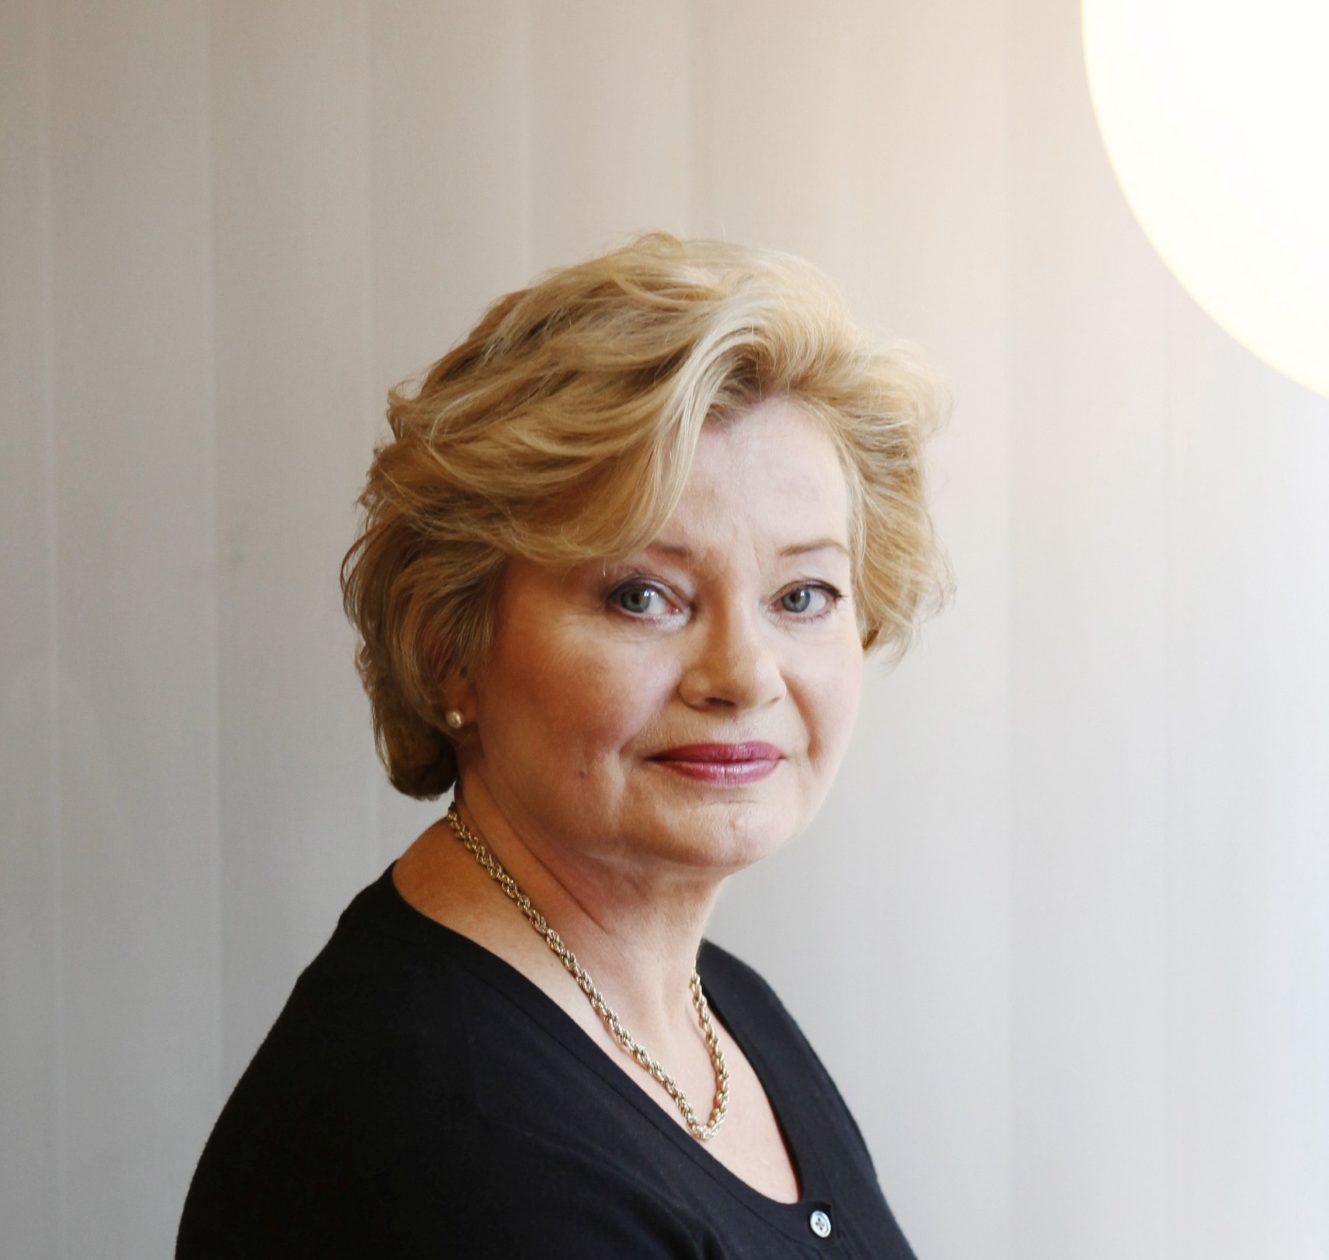 Helena Pesola